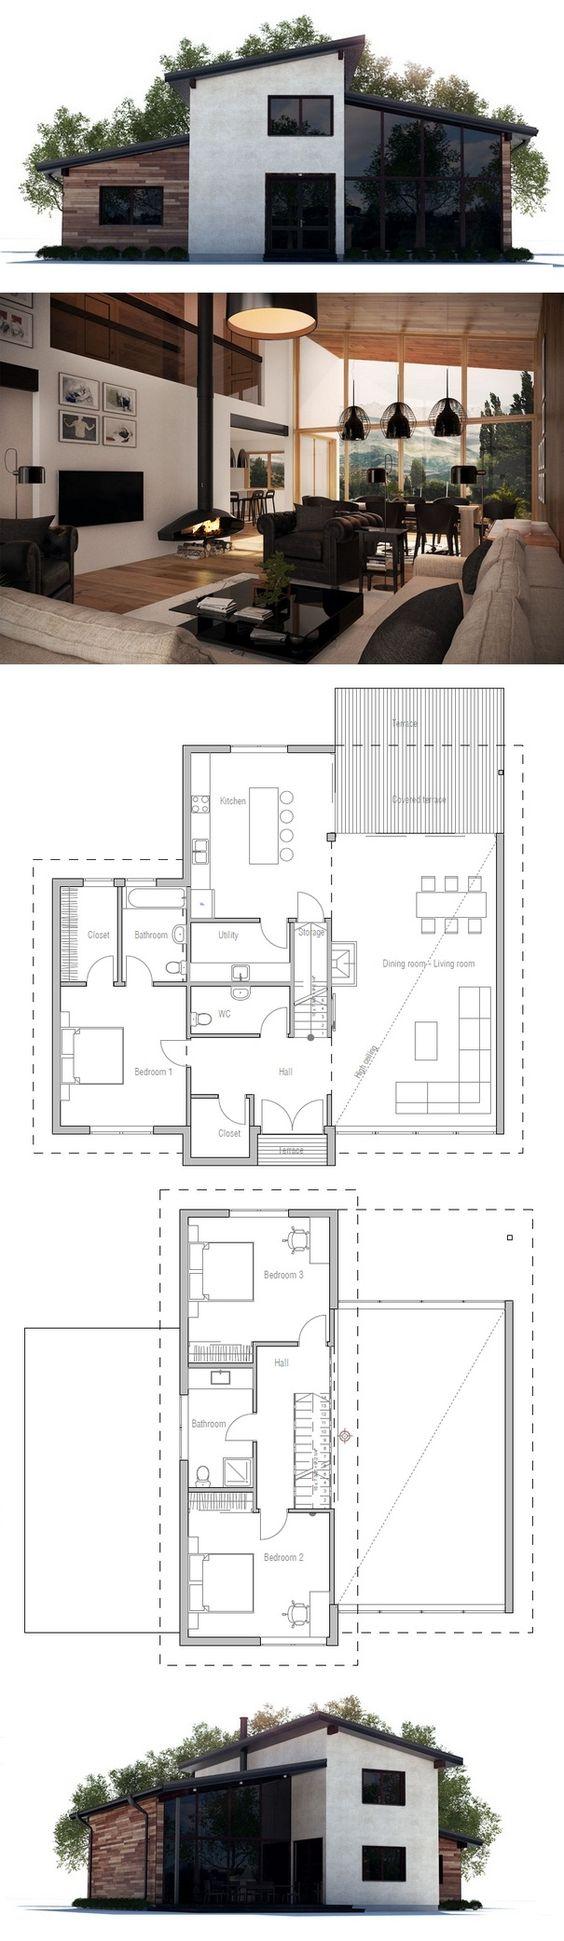 Fotos de plantas de casas com fachadas moderna